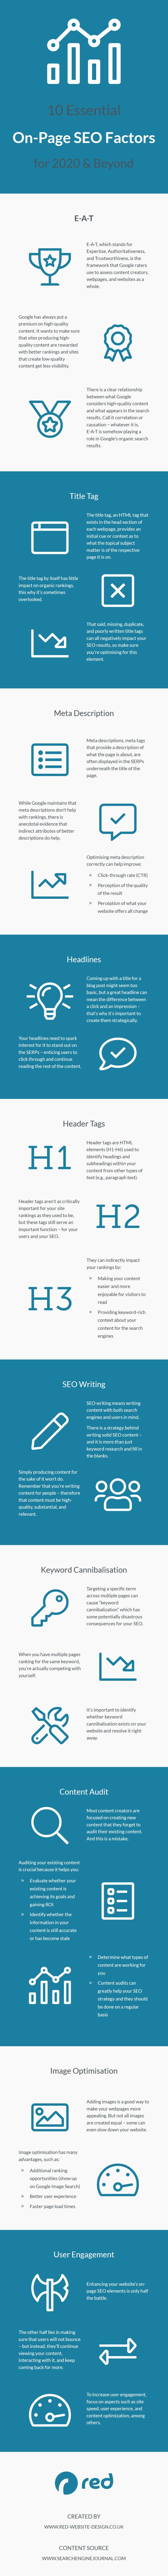 10 factores esenciales para el SEO On-page en 2020